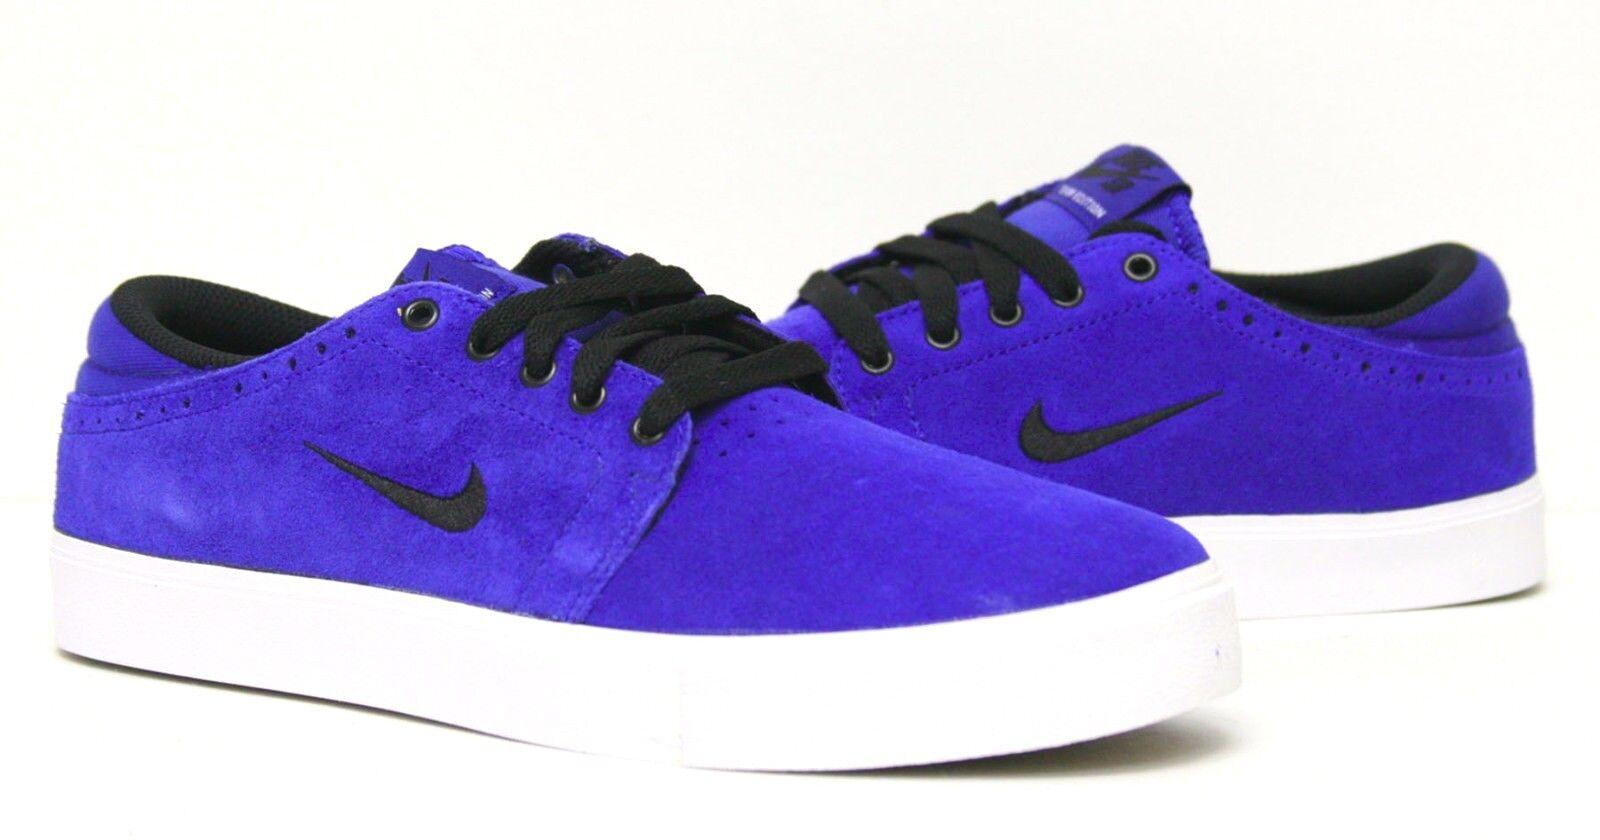 Nike Uomo Shoes SB Team Edition Skateboarding Shoes 487597-409 Uomo Size 7.5&8.5